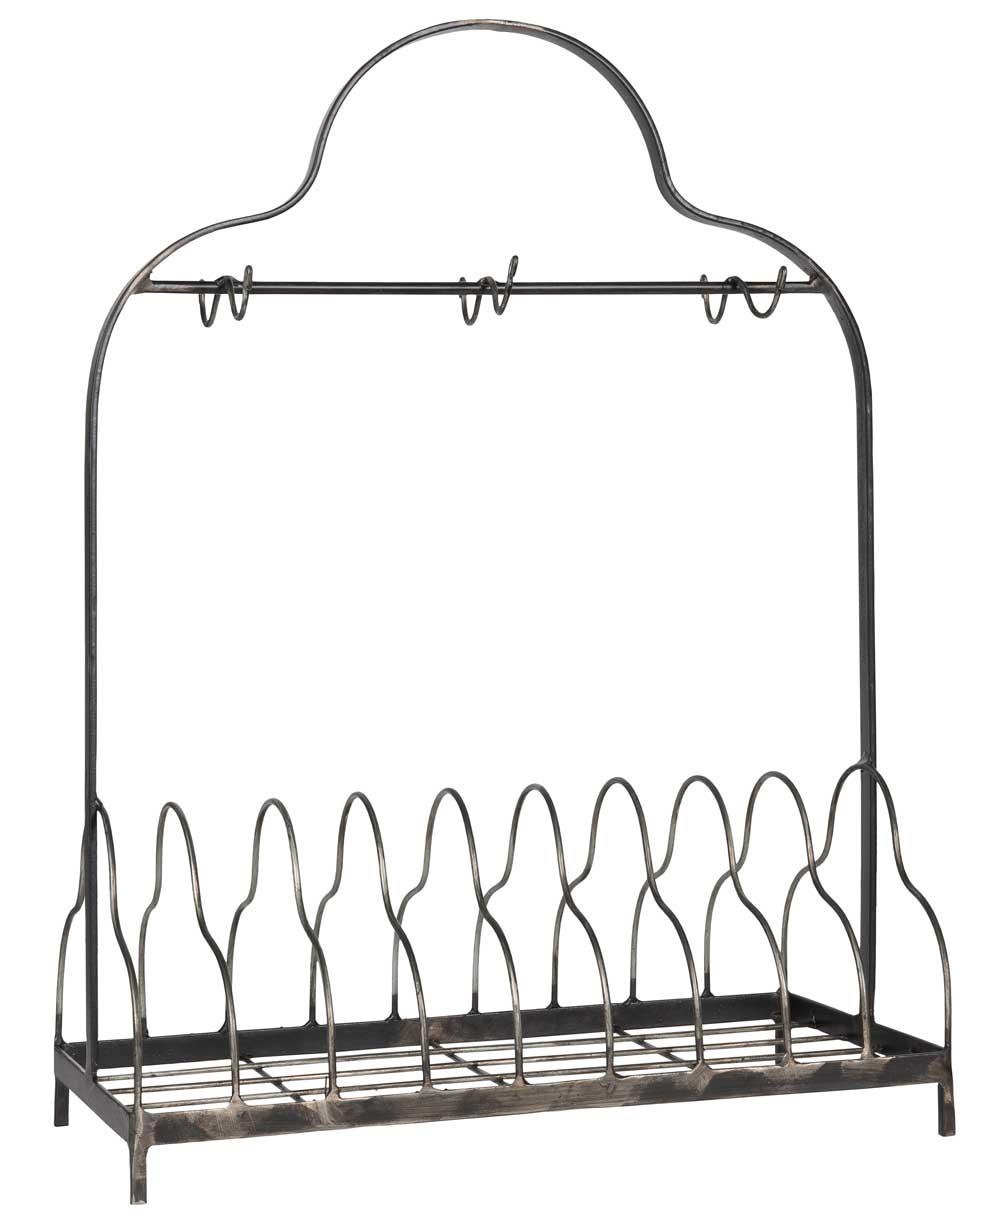 IB LAURSEN tallerkenholder - gr metal, m. 6 kroge, passer til 9 tallerkner, (54x21cm)